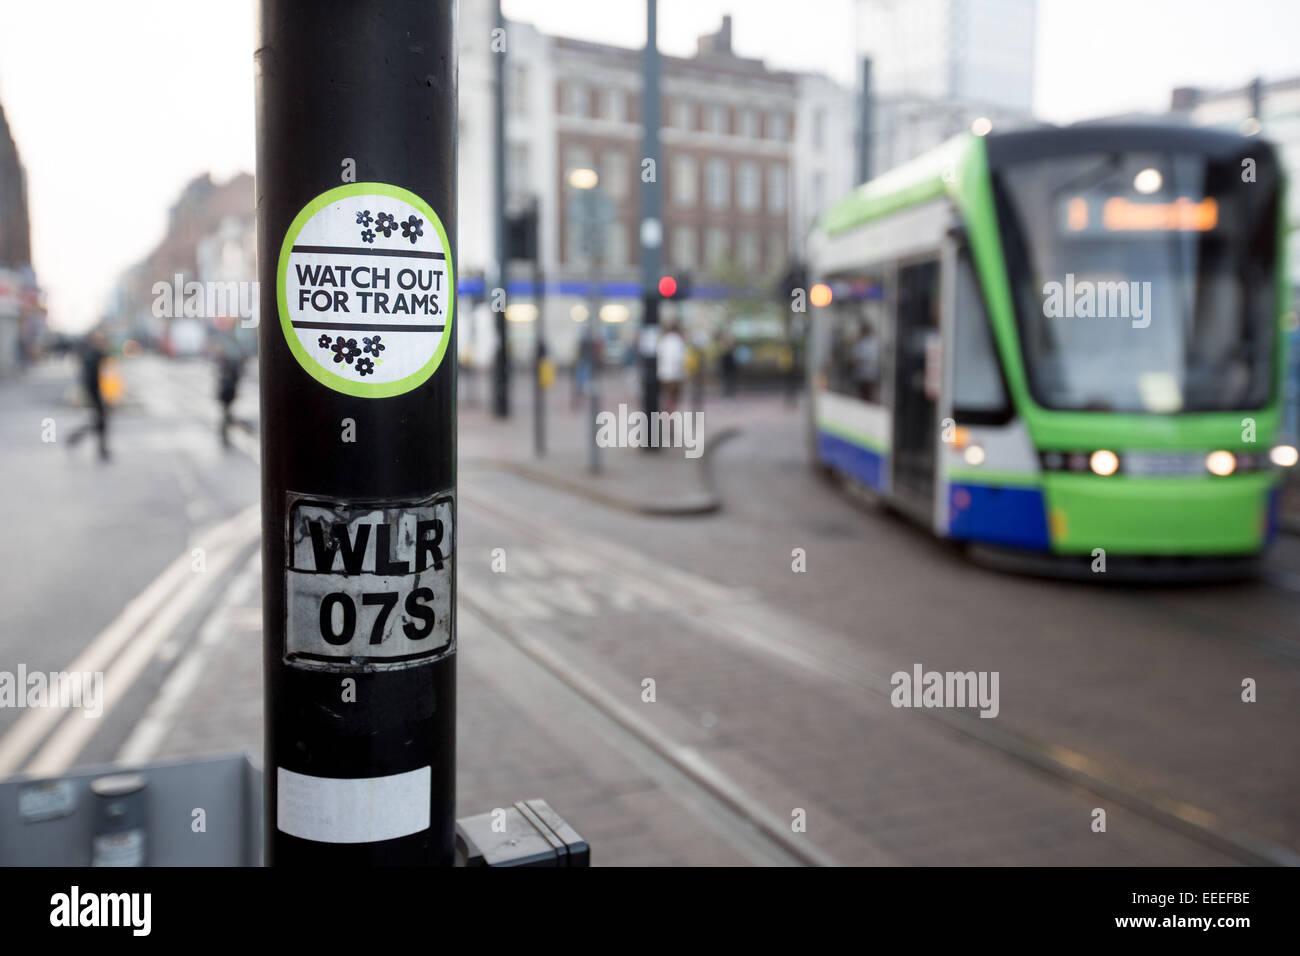 Ten cuidado con los tranvías sticker Imagen De Stock